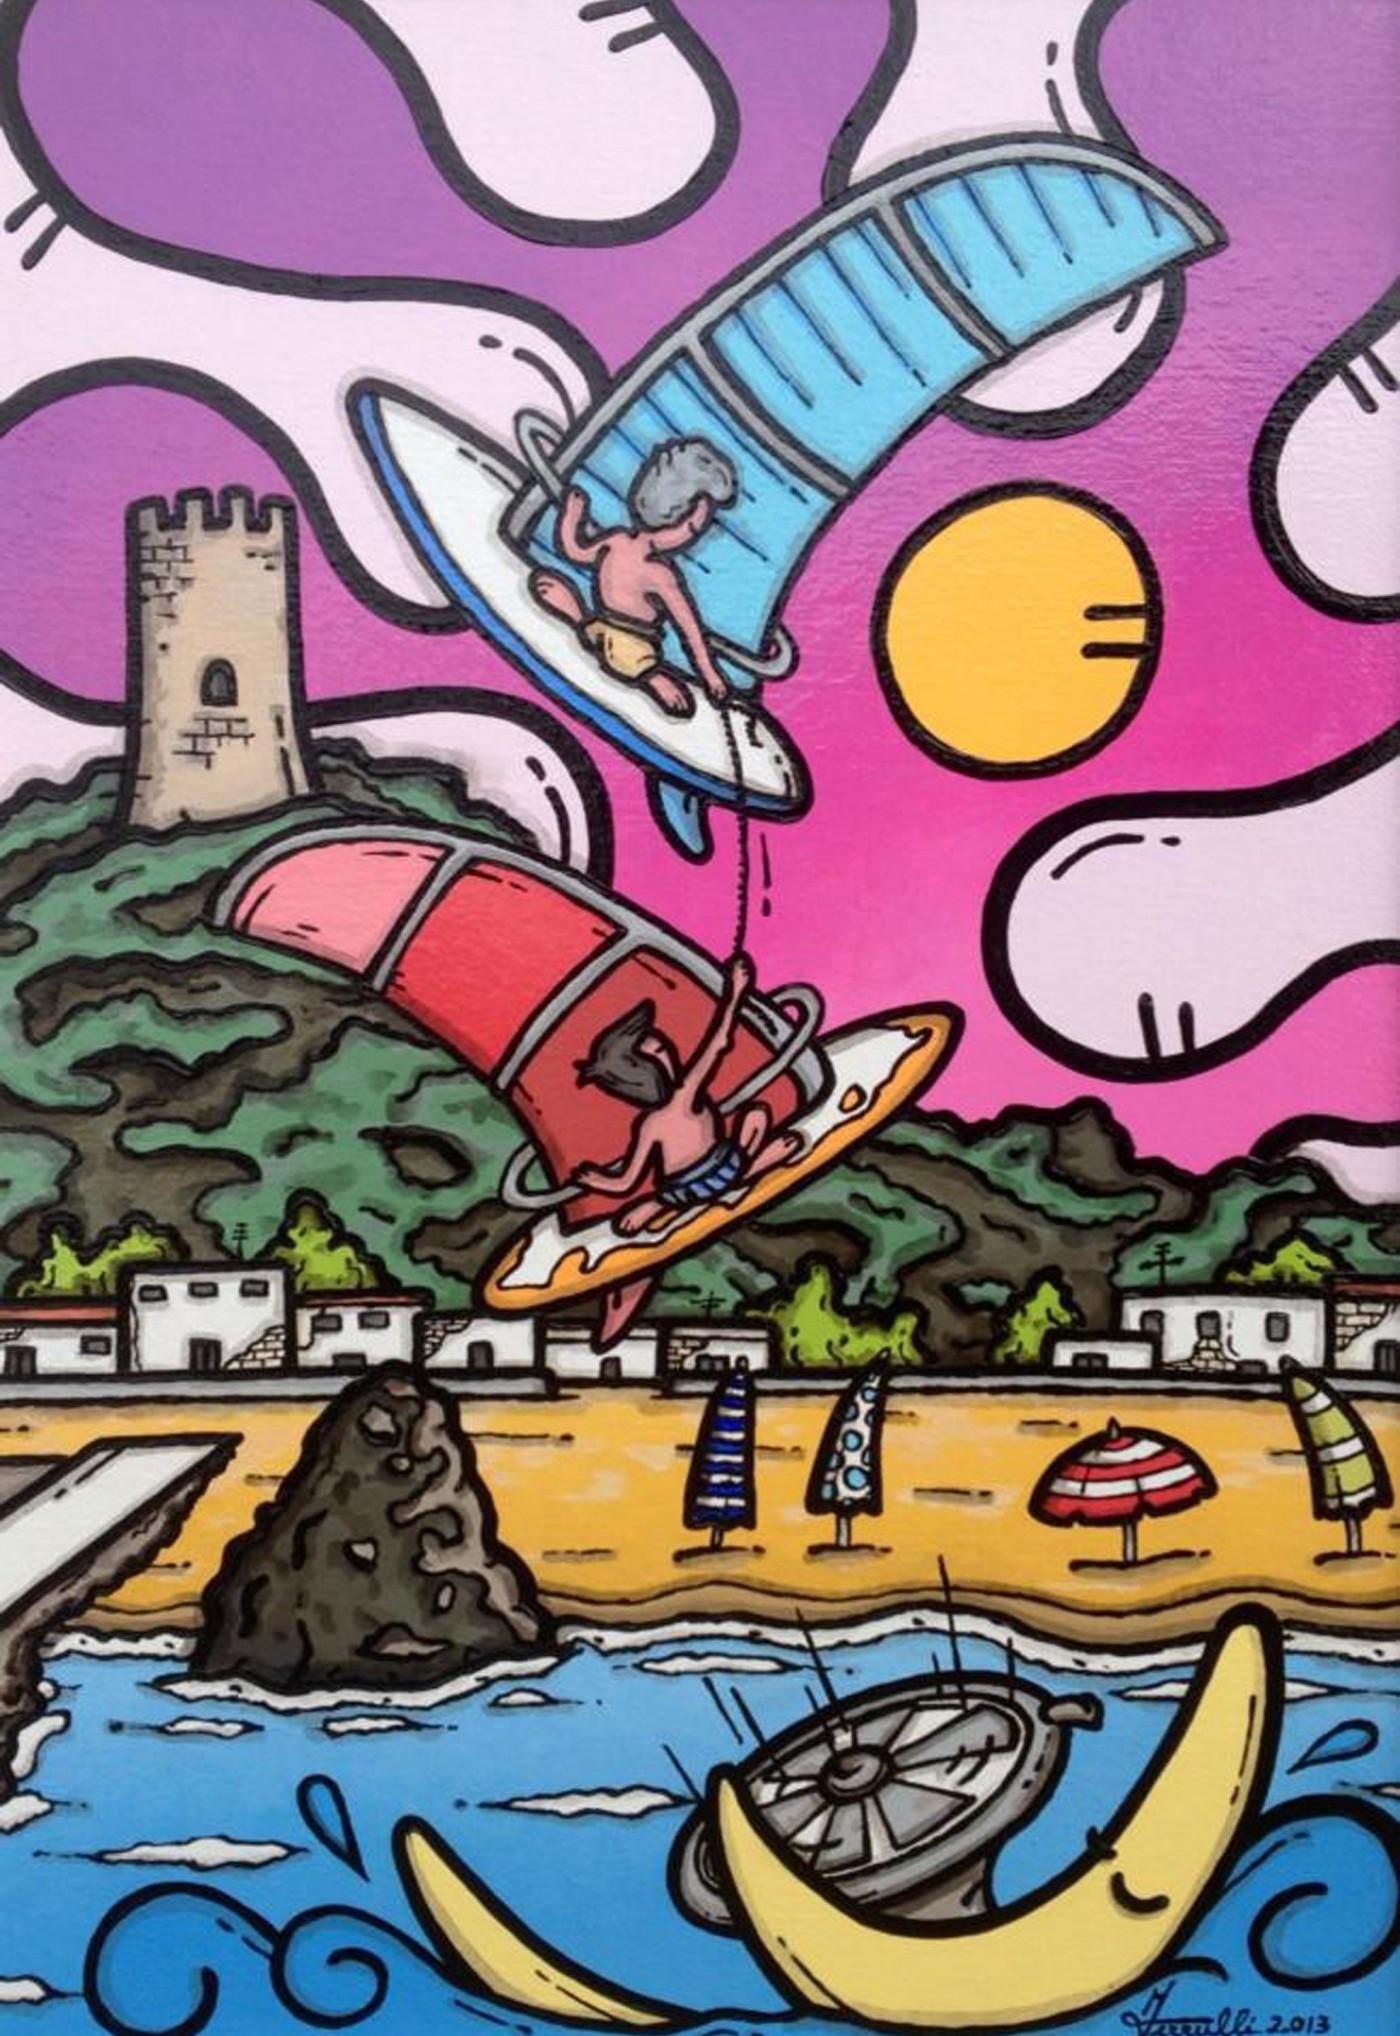 opera d'arte, contornismo metafisico, francesco ferrulli, pittore pugliese, artista italiano, arte contemporanea, dipinto, olio su tela, paesaggi calabresi, quadro colorato, oil on canvas, art, painter, ulivarella, palmi, surf, sea, mare, stelle, luna, tonnara